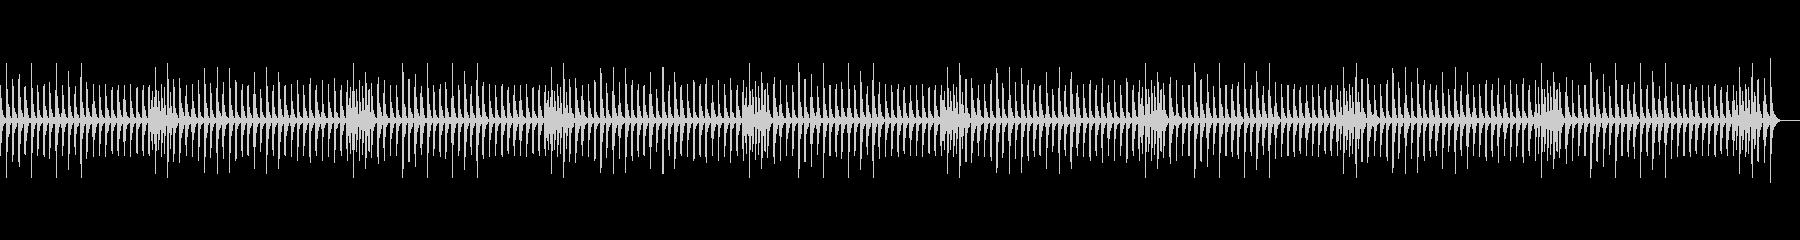 かえるの合唱 (ピッチカート)の未再生の波形